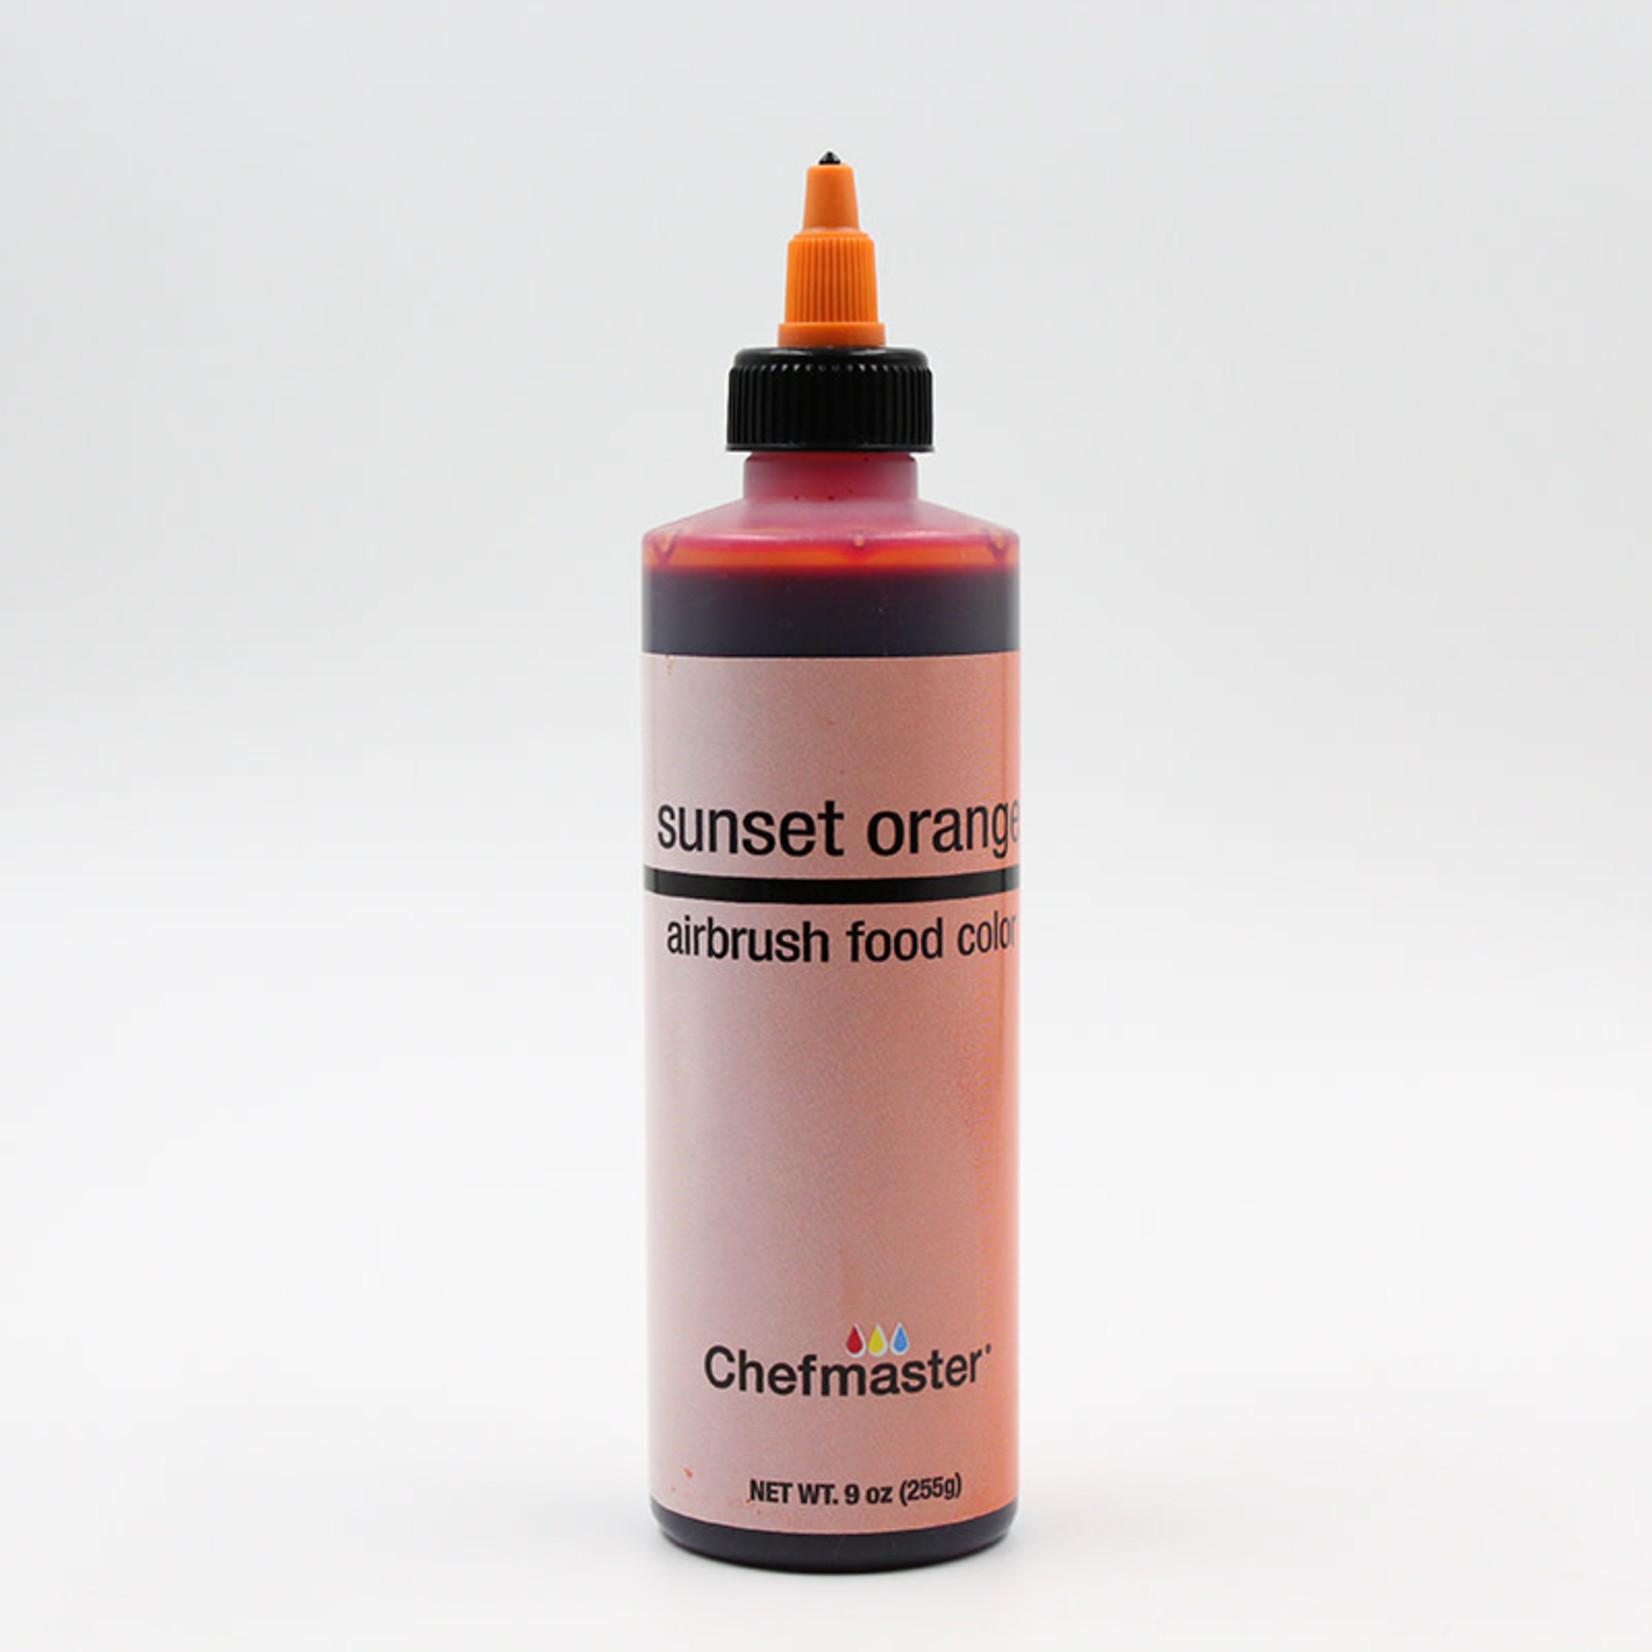 Chefmaster Chefmaster - Sunset Orange Airbrush food color - 9oz, 34-3190